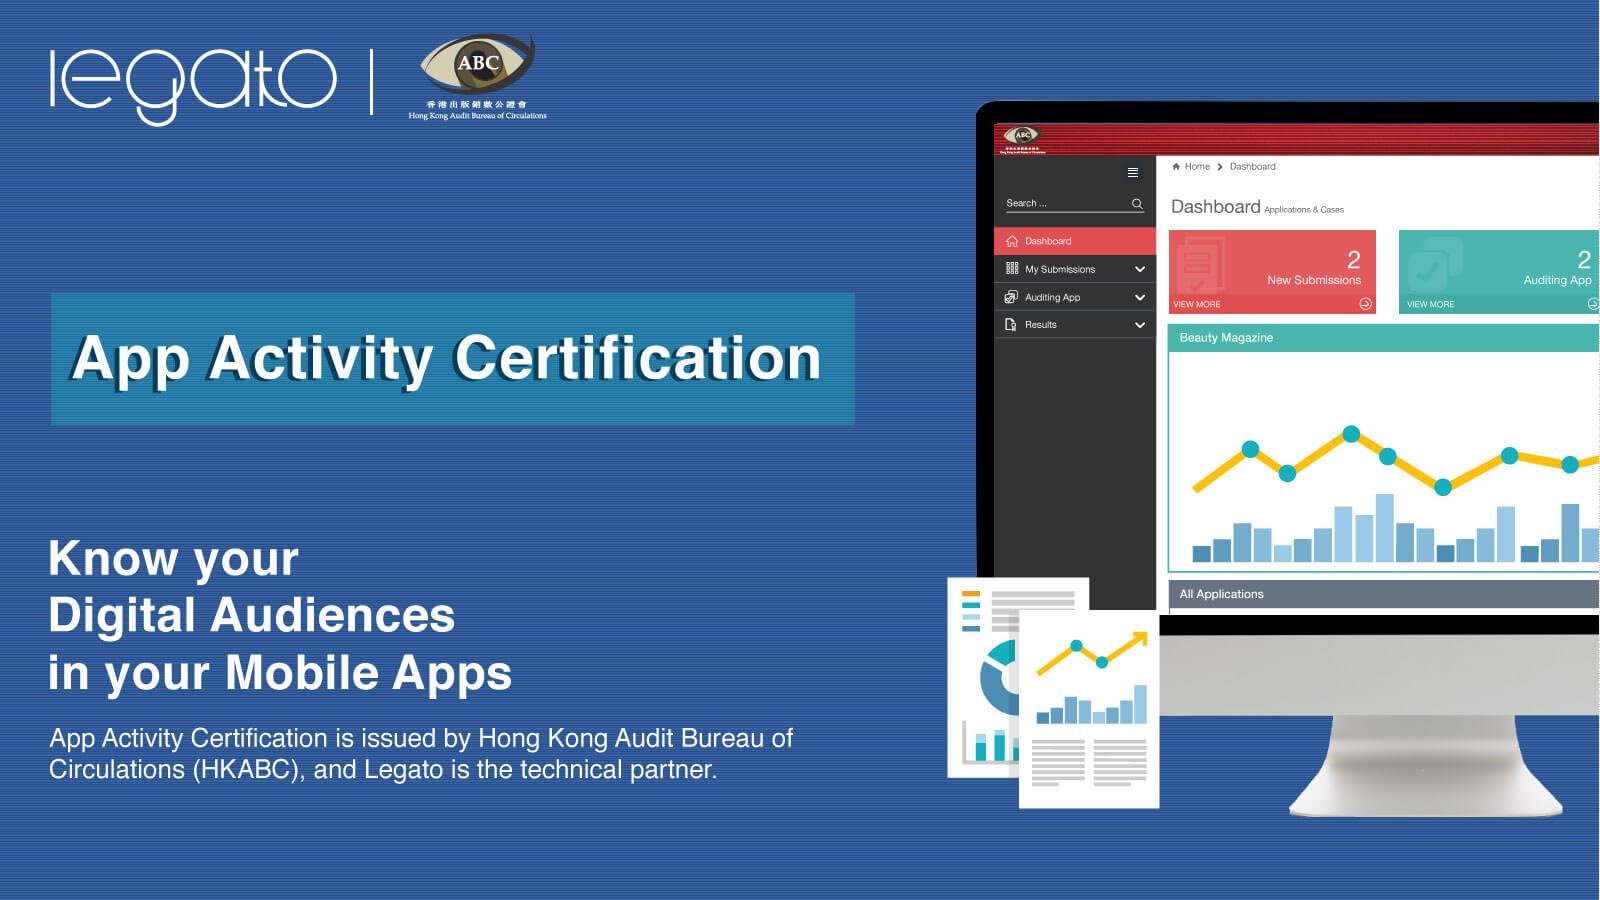 Legato - HKABC App Activity Certification Launch